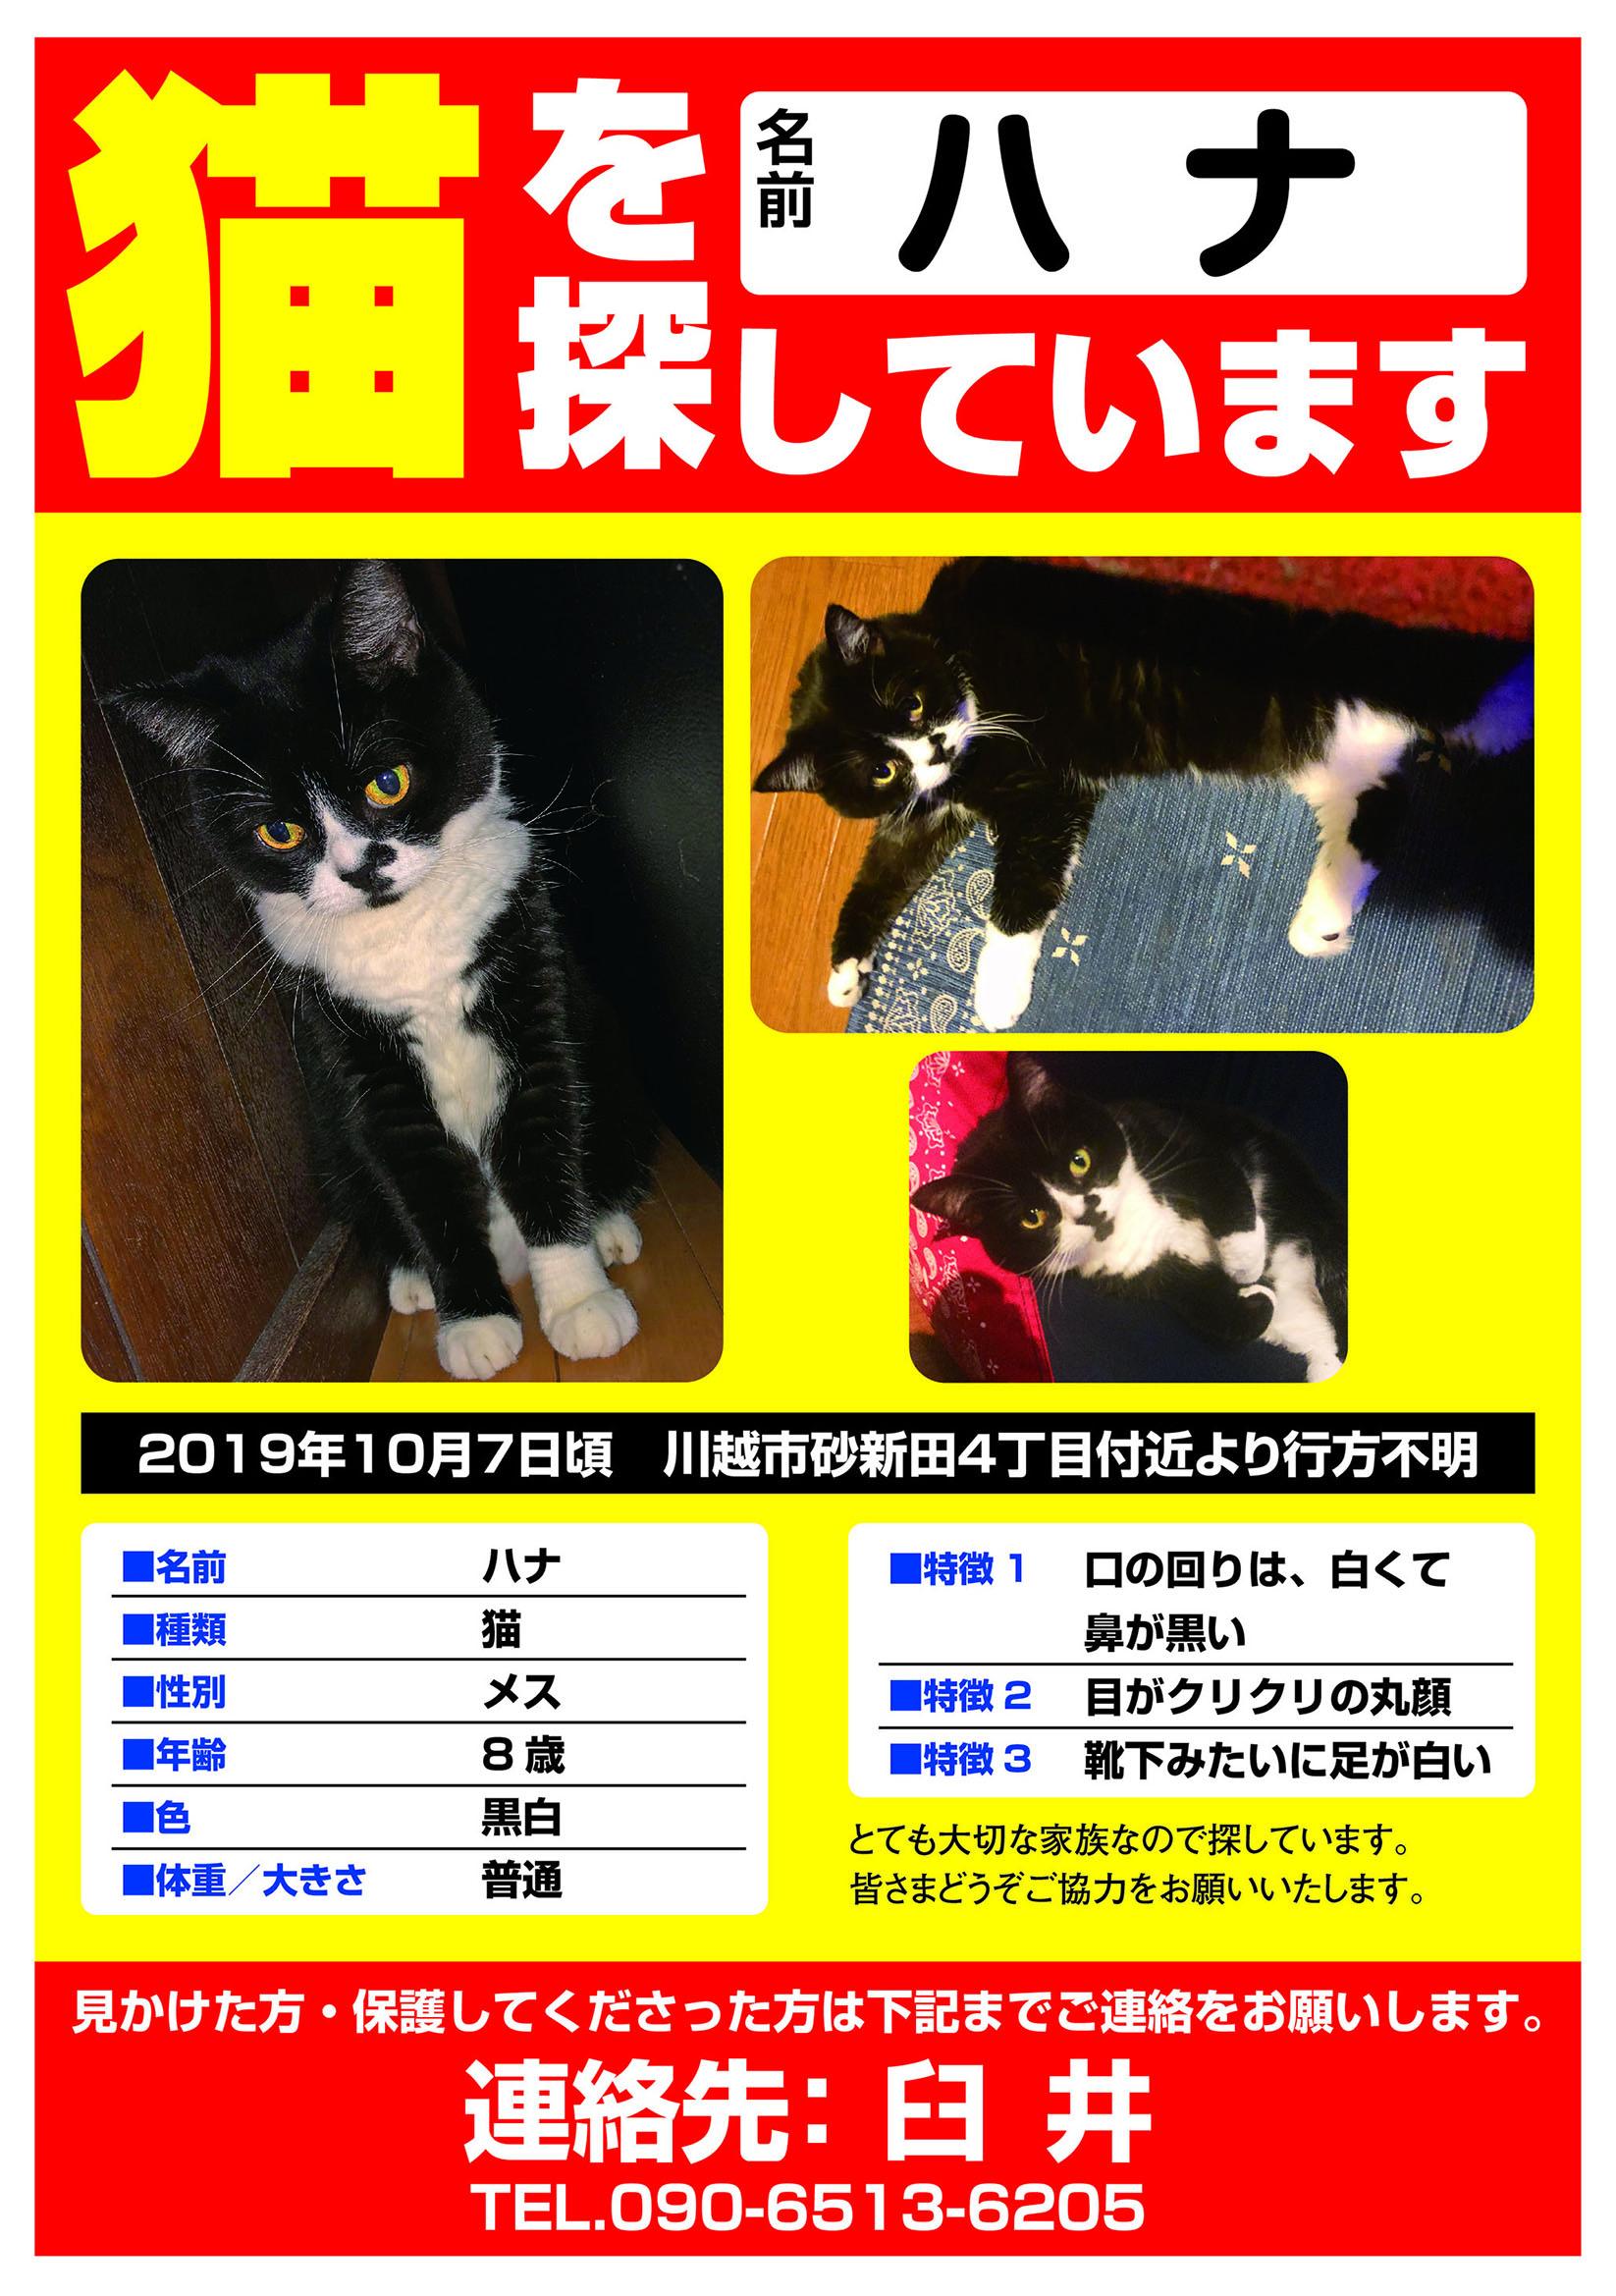 迷い猫 ハナちゃん